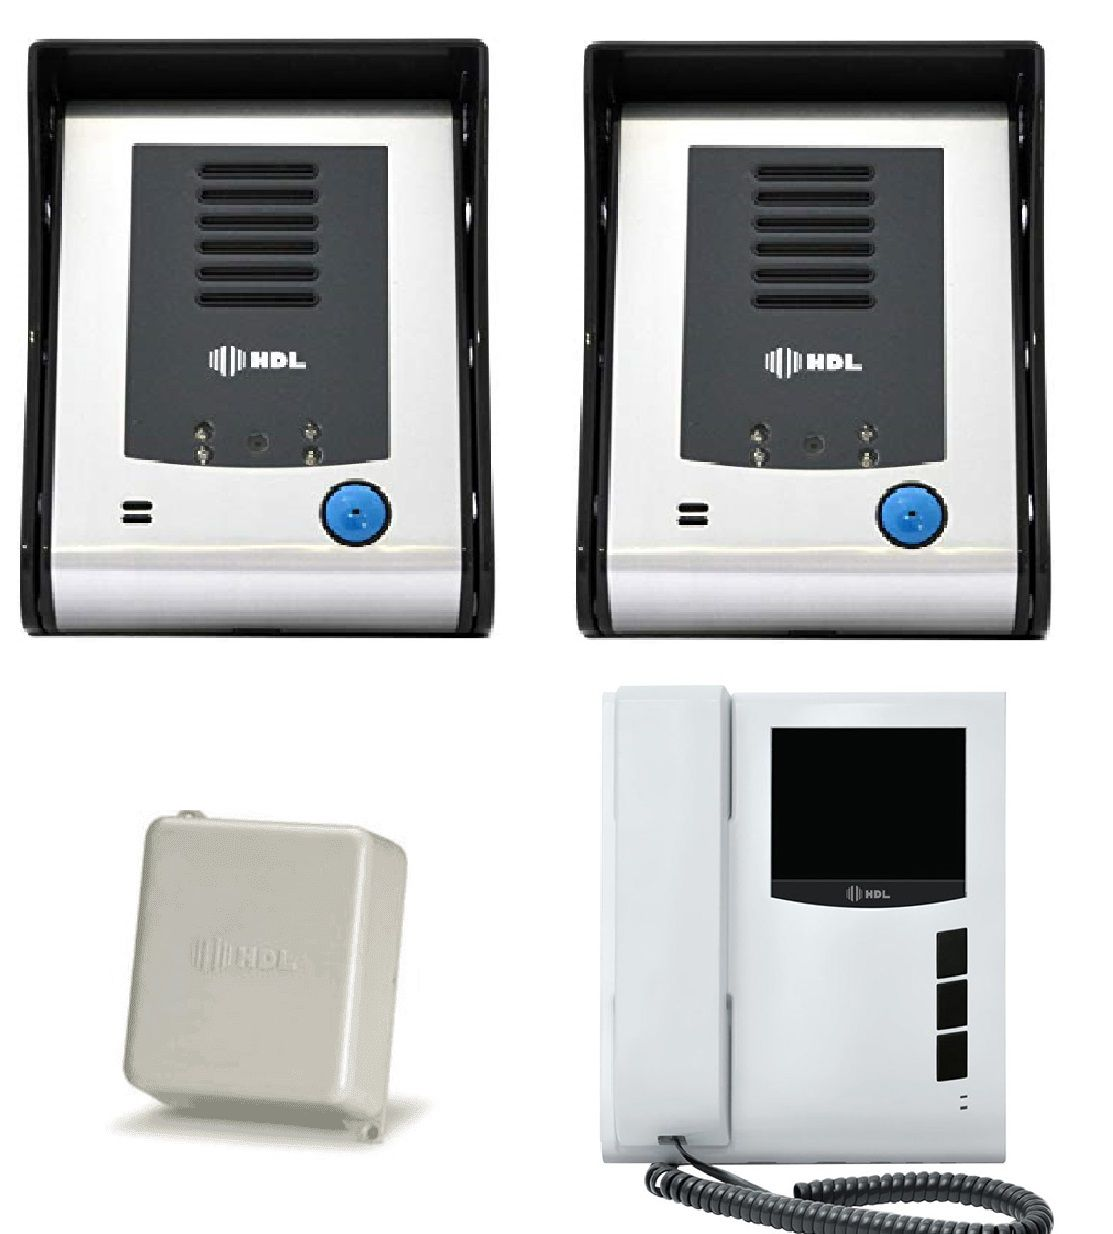 Kit Video Porteiro Eletrônico HDL Sense Classic S Colorido Com 2 Porteiros e RL1000